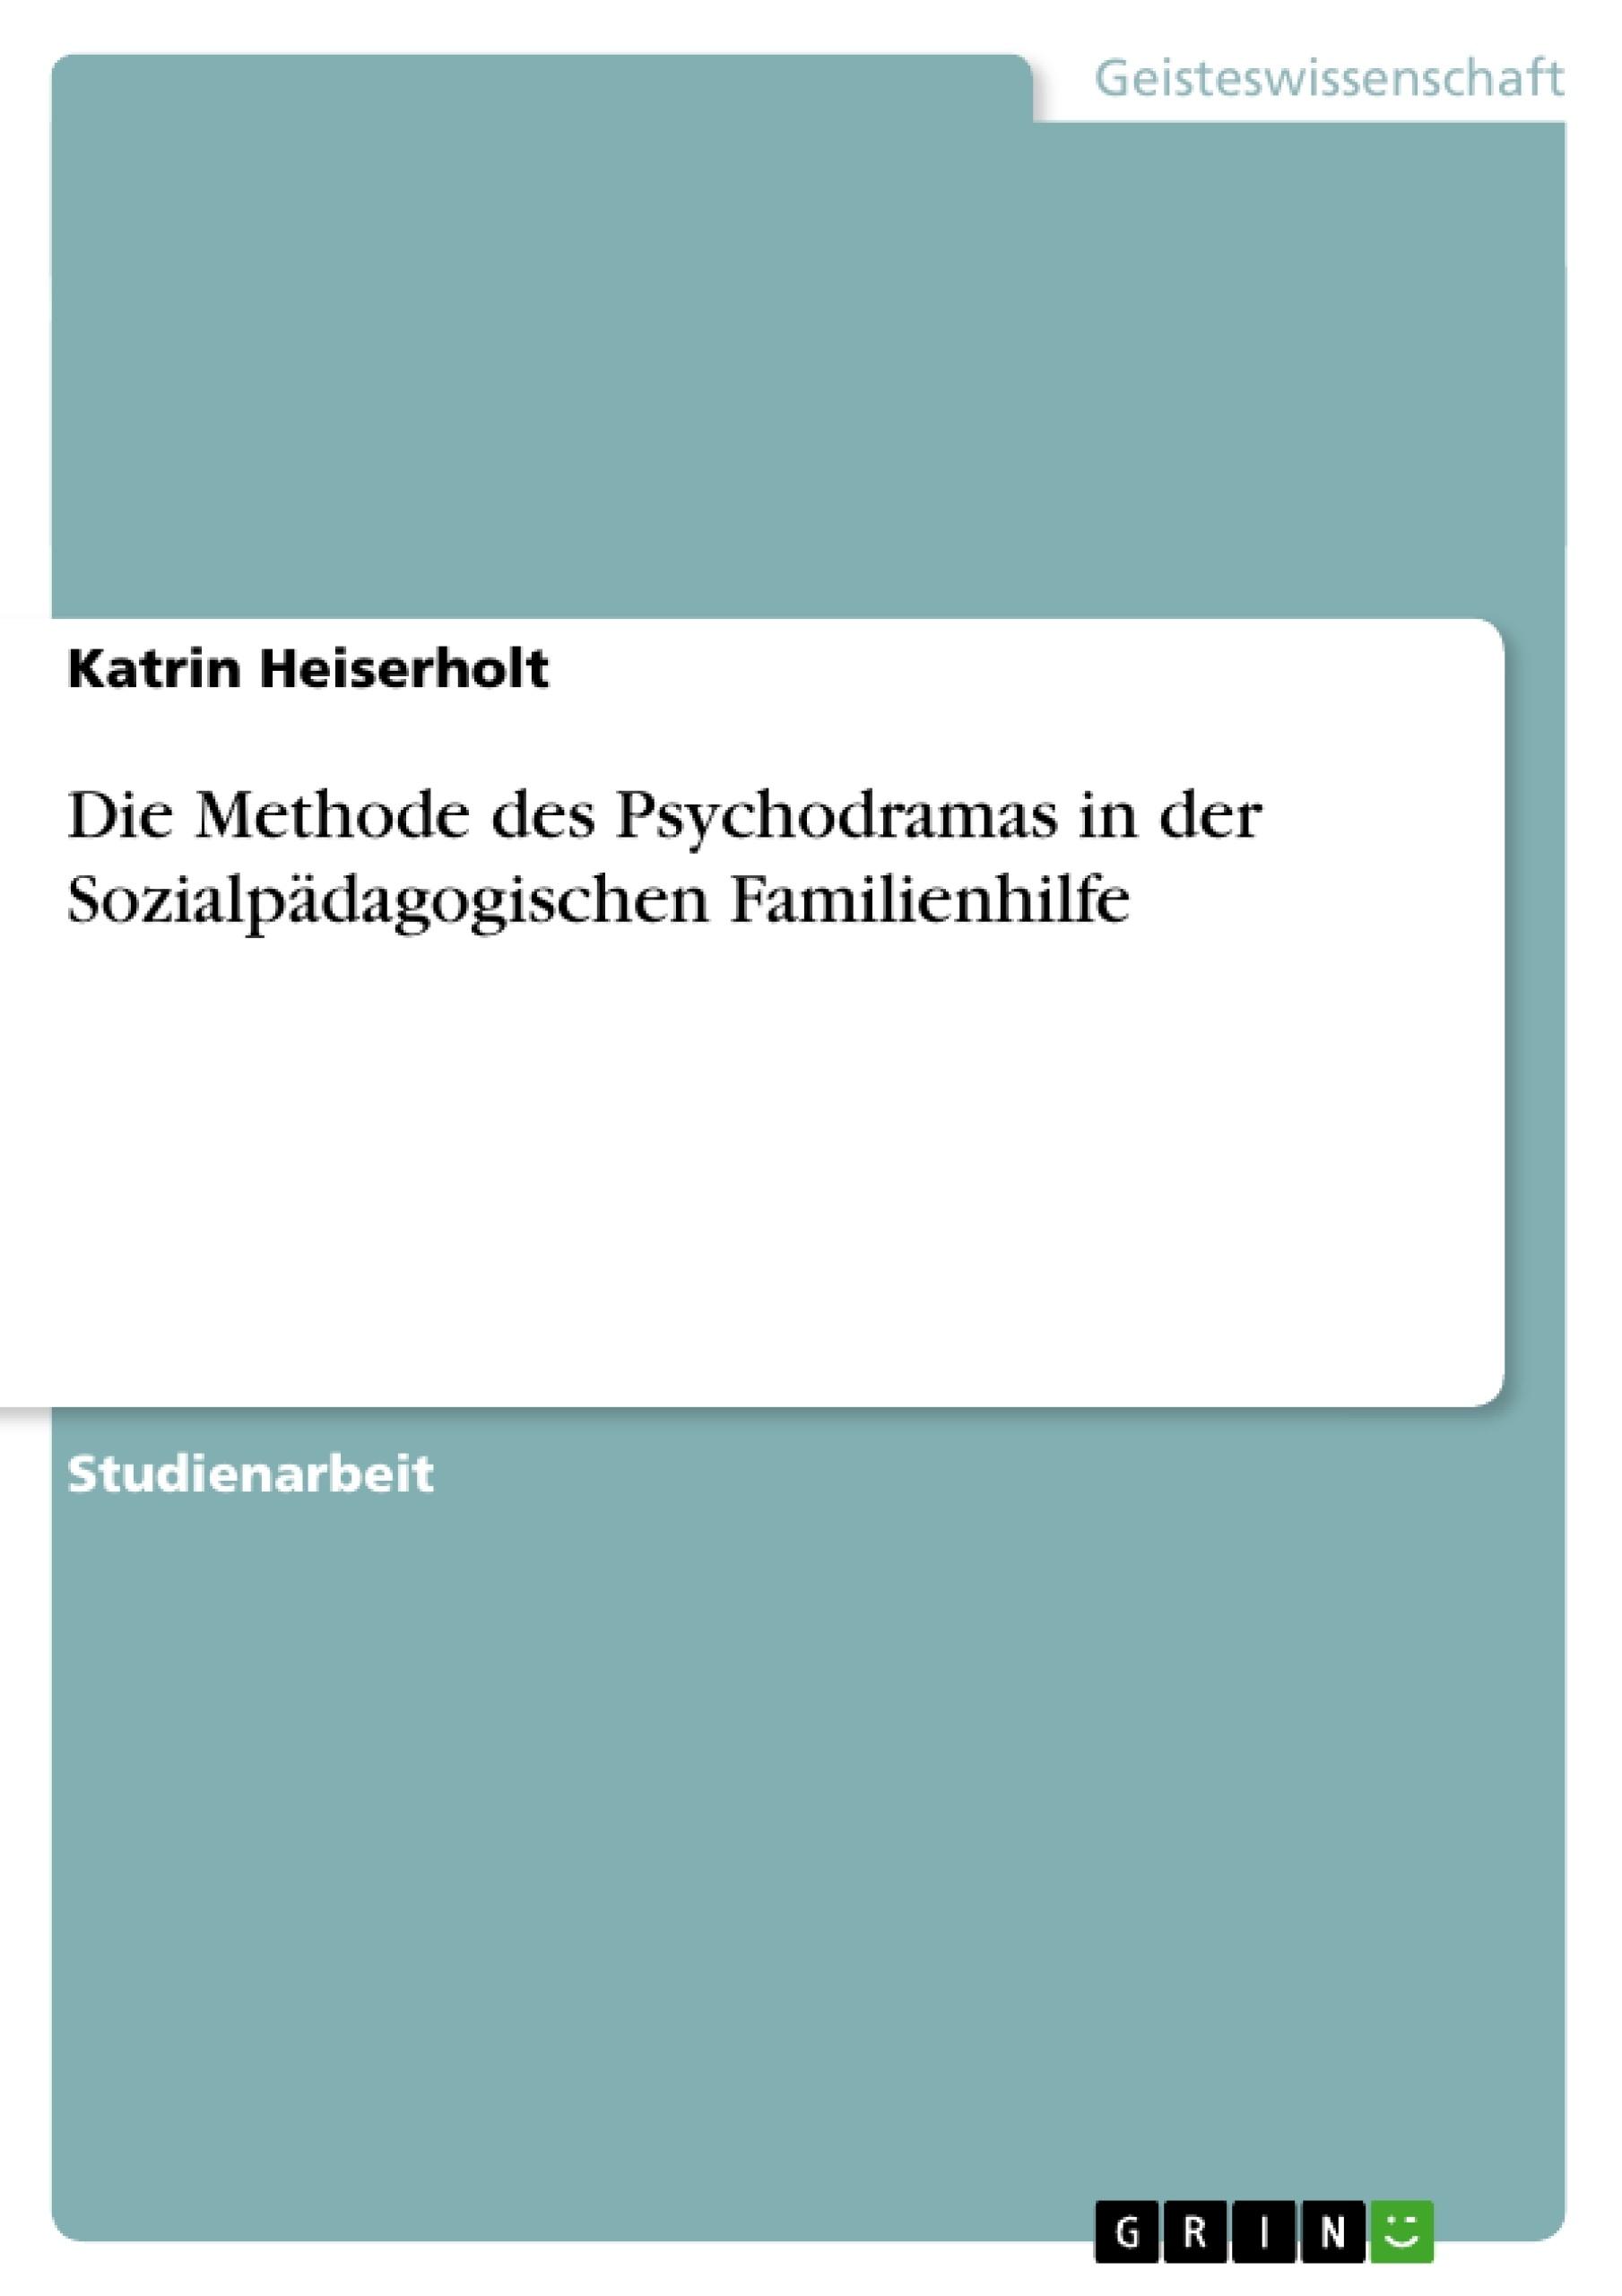 Titel: Die Methode des Psychodramas in der Sozialpädagogischen Familienhilfe